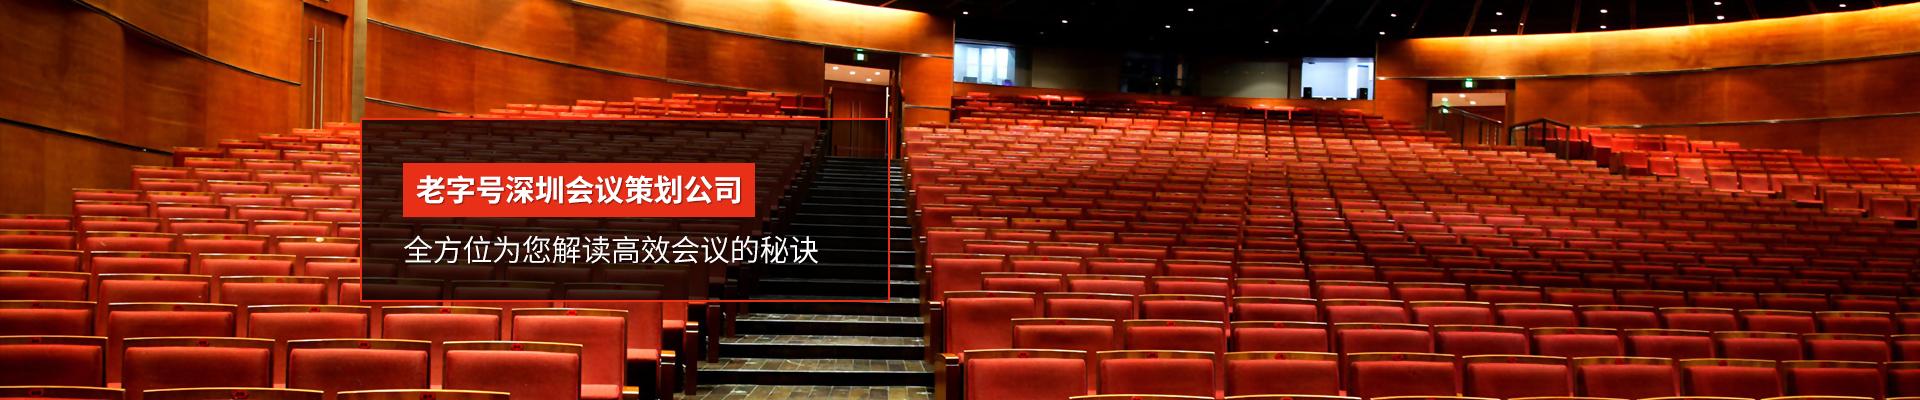 老字号深圳会议策划公司 全方位为您解读高效会议的秘诀